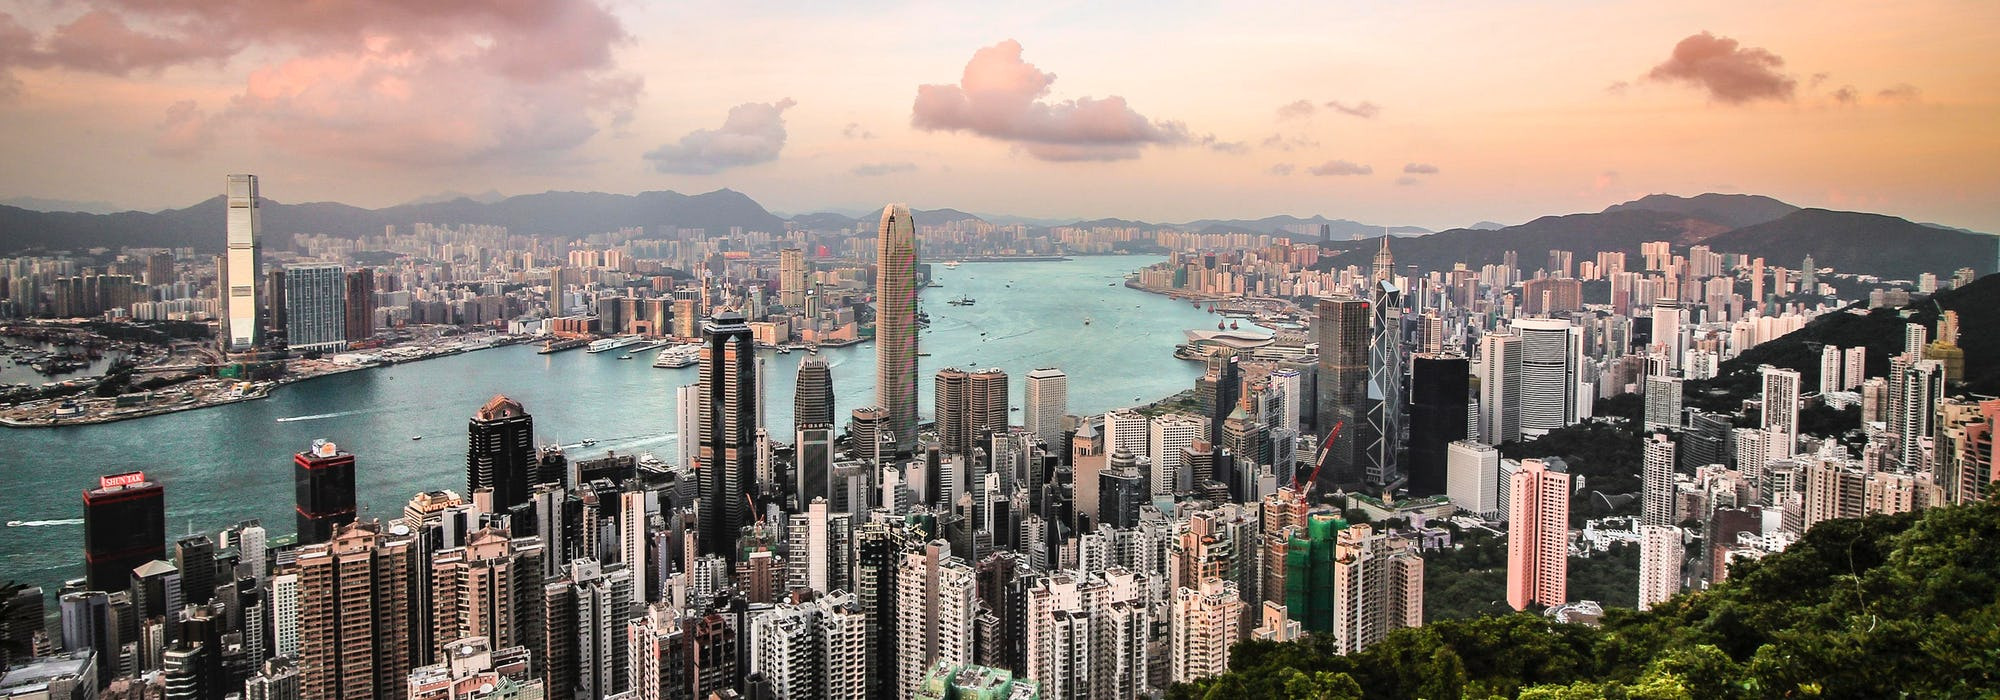 Bild på Victoria Harbour i Hong Kong tagen från luften med havet som skär mellan höghusen.